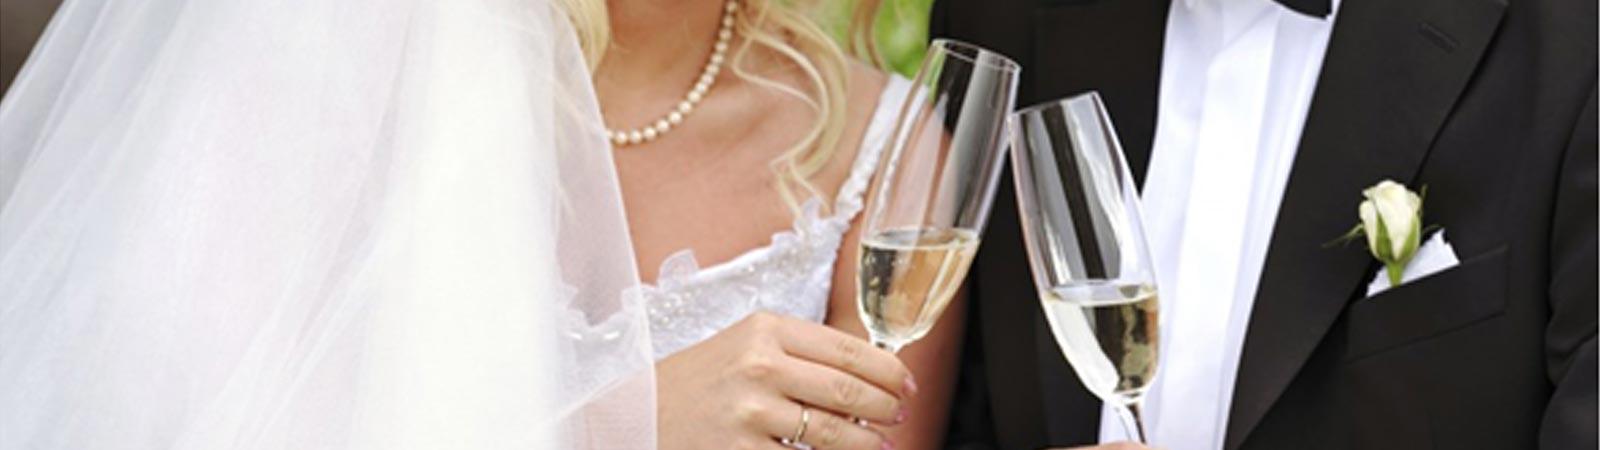 01-slider-norte-adventours-lista-de-casamiento